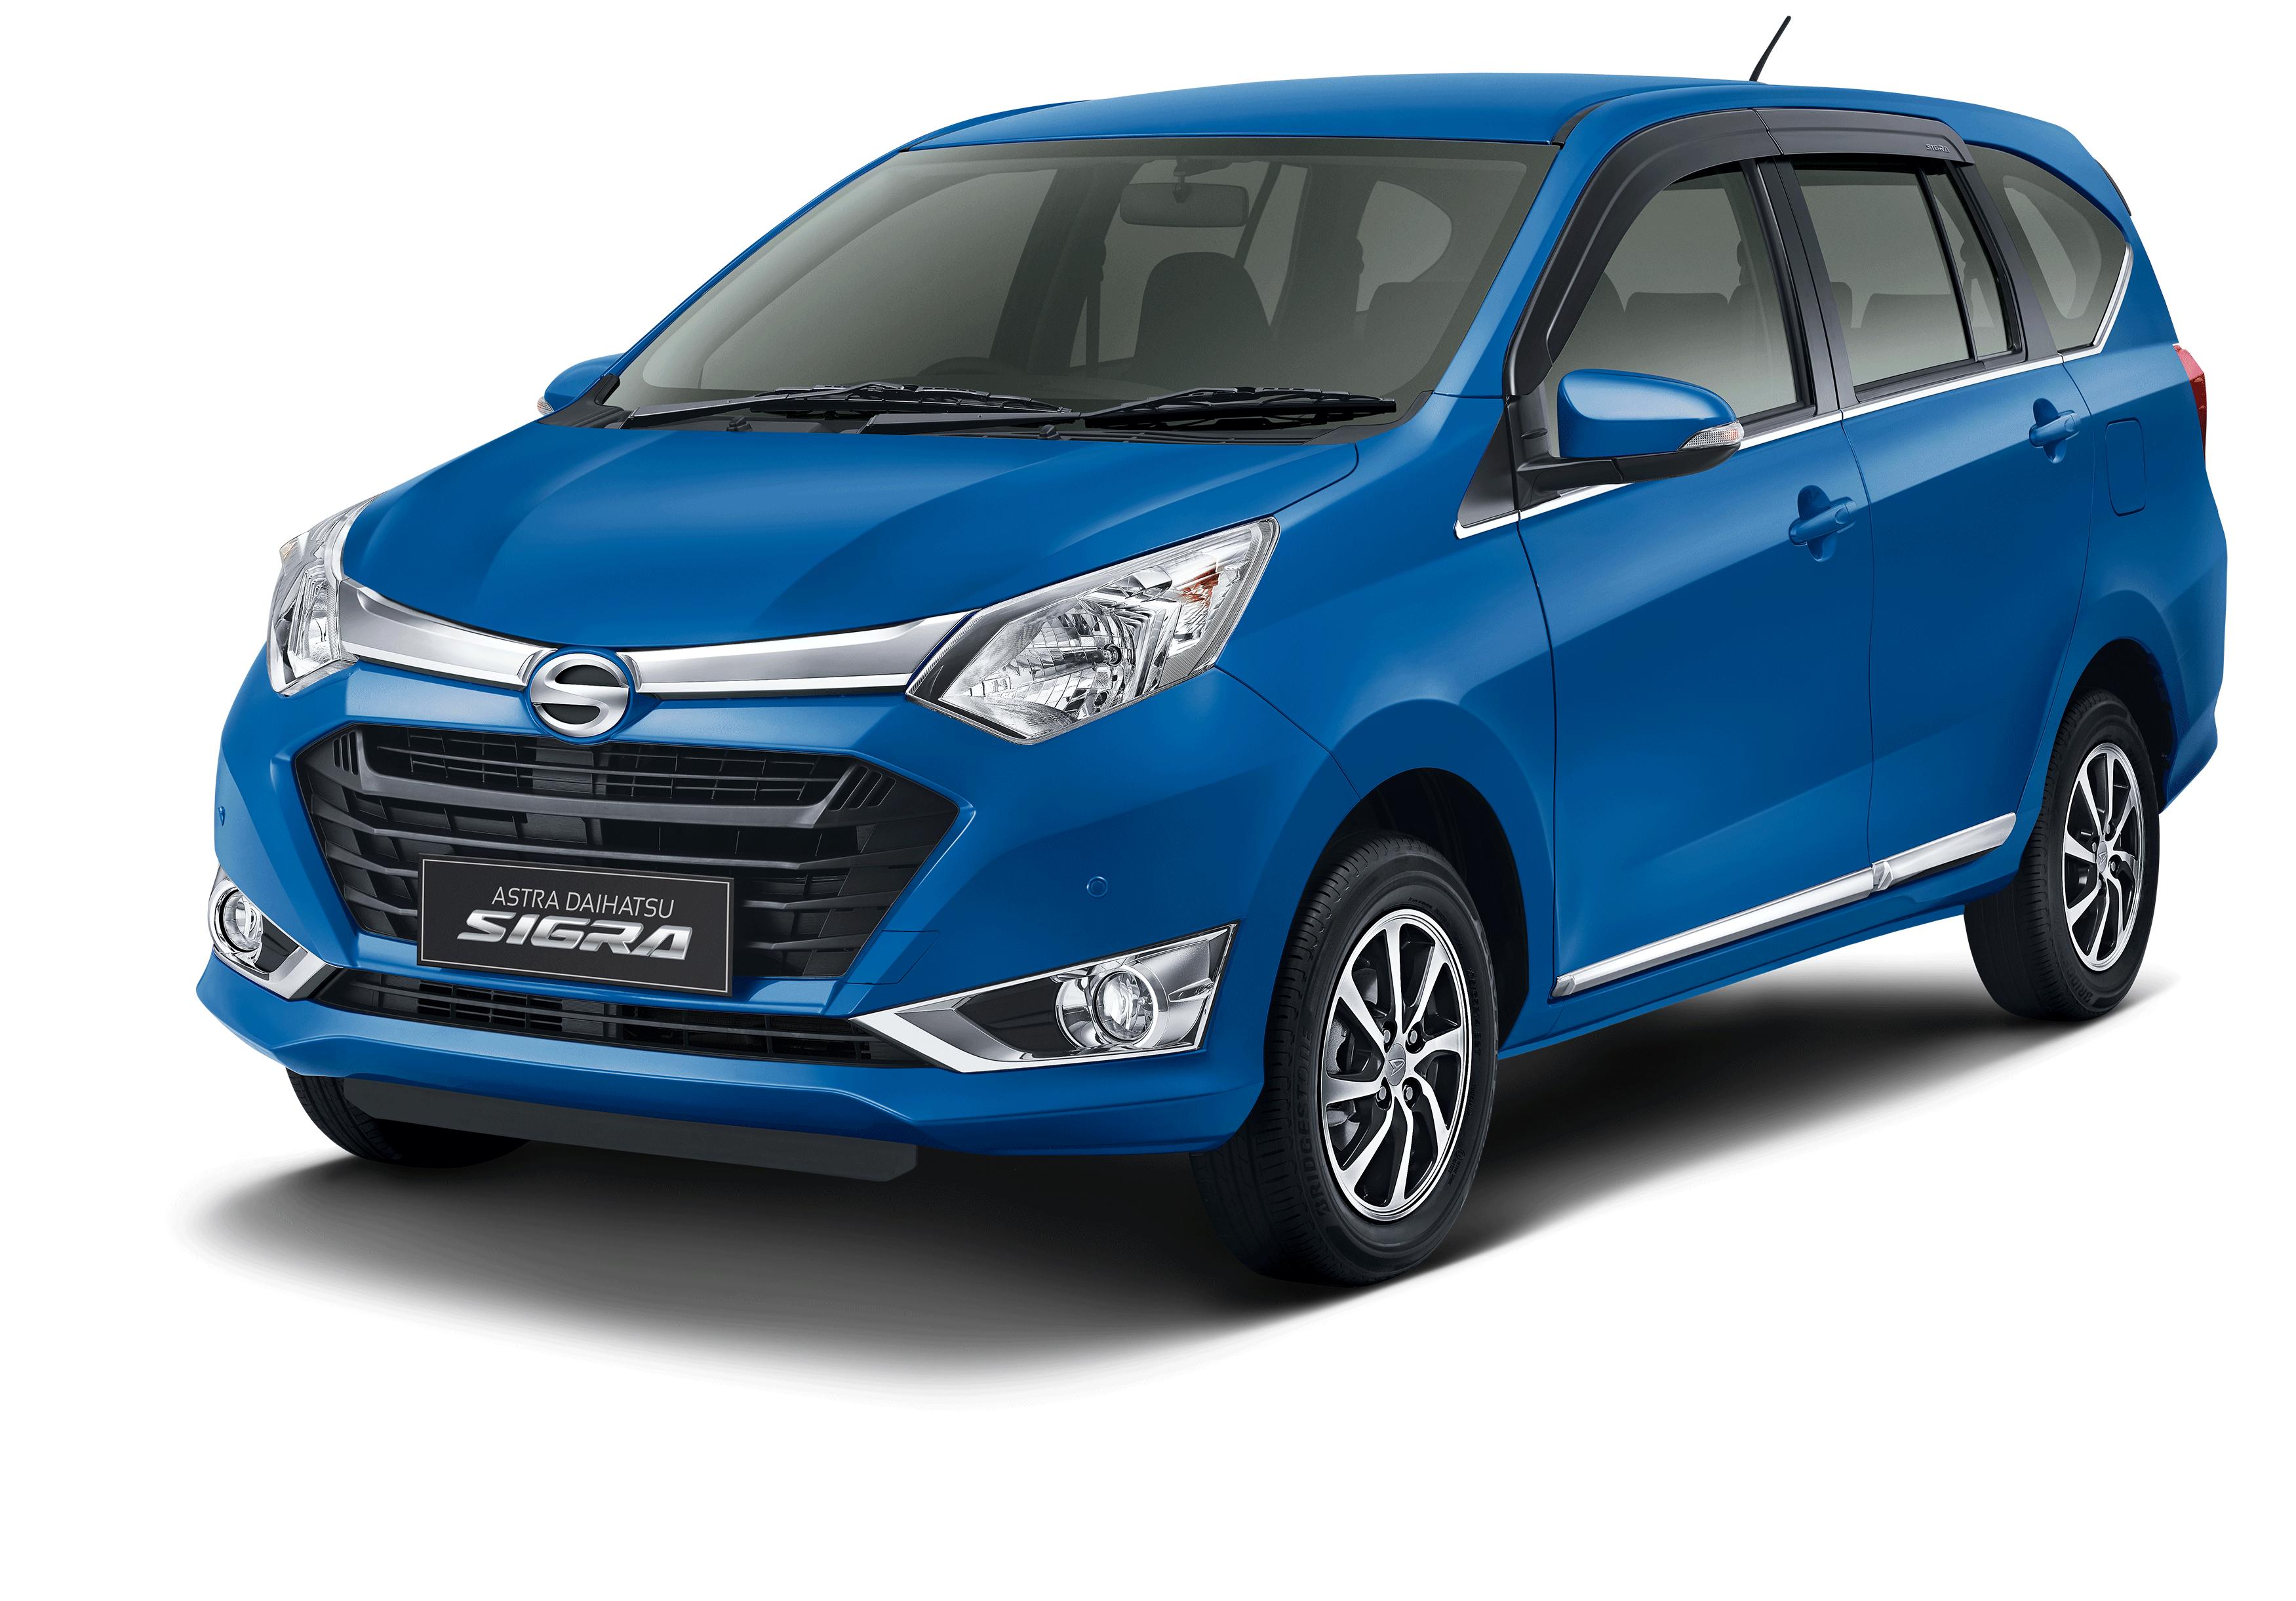 DAIHATSU SIGRA Mobil mpv, Daihatsu, Mobil